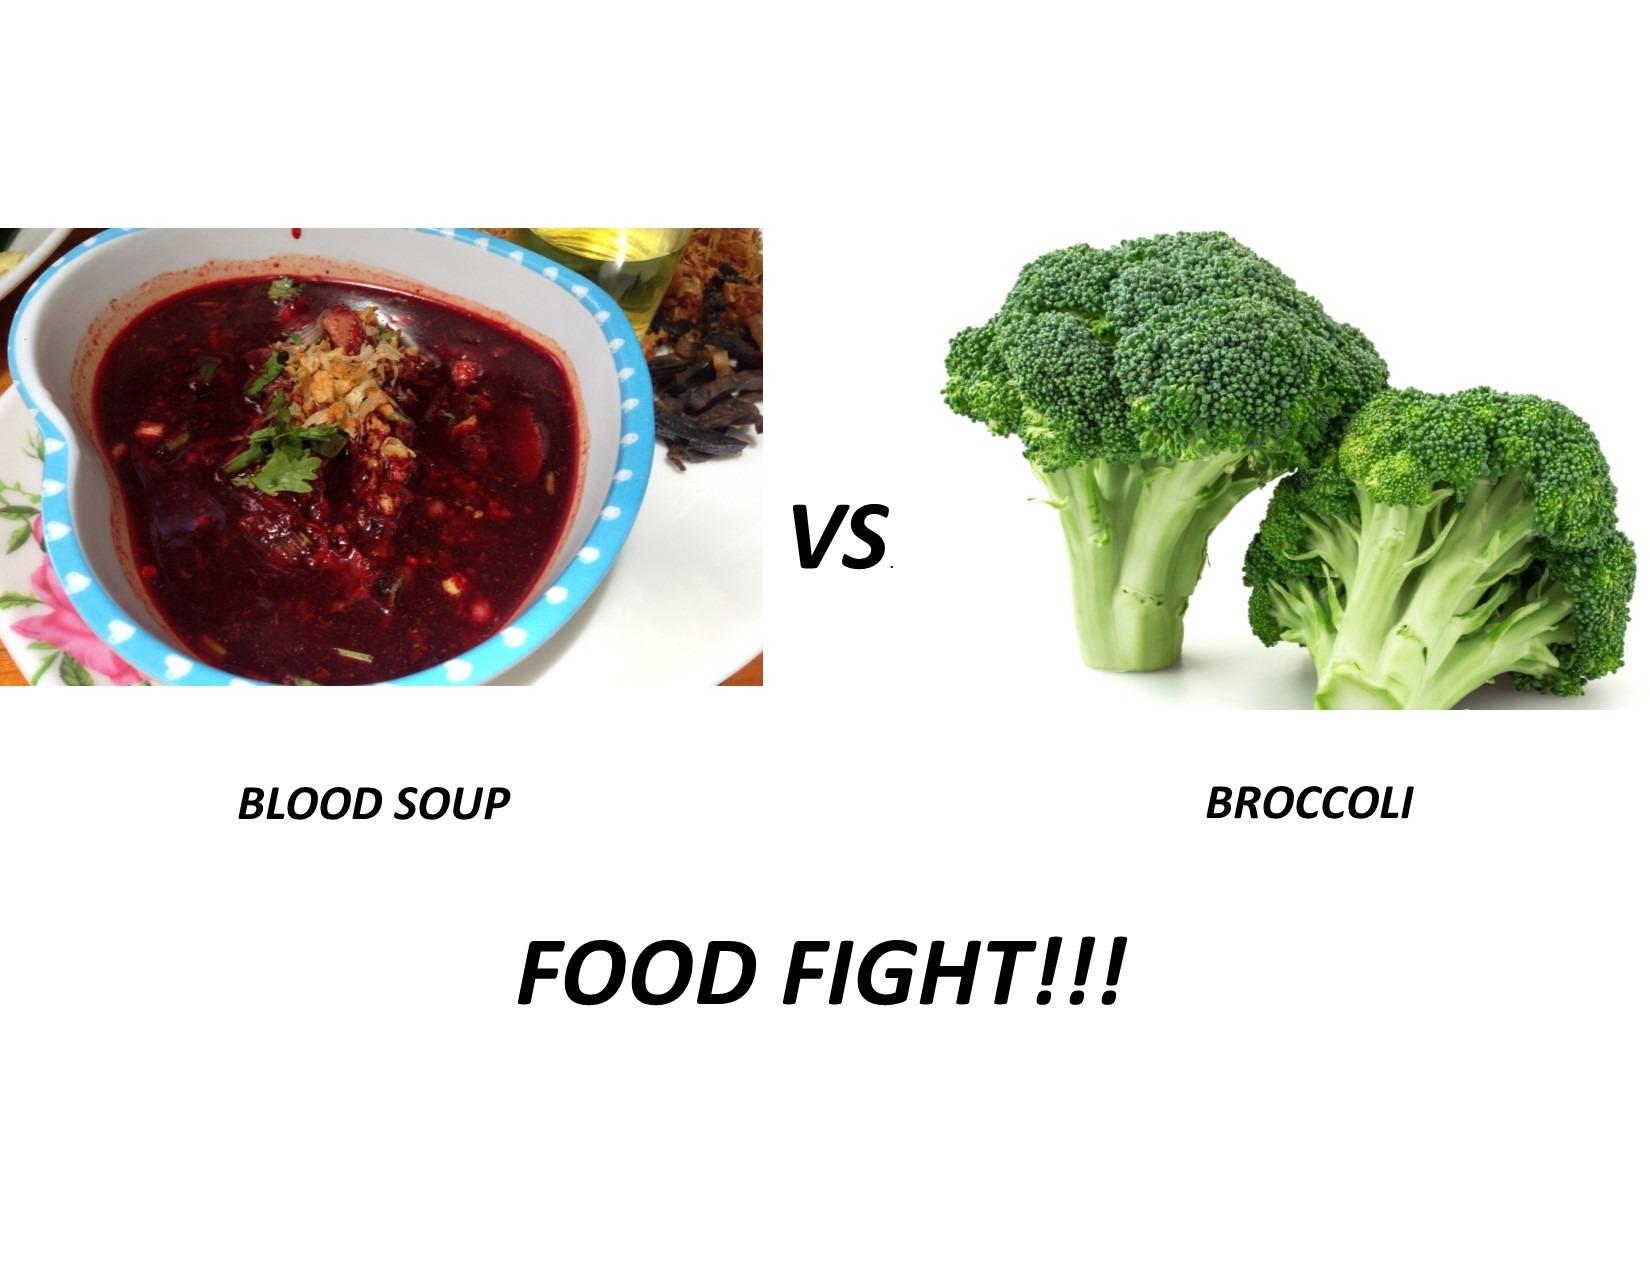 Blood Soup vs Broccoli